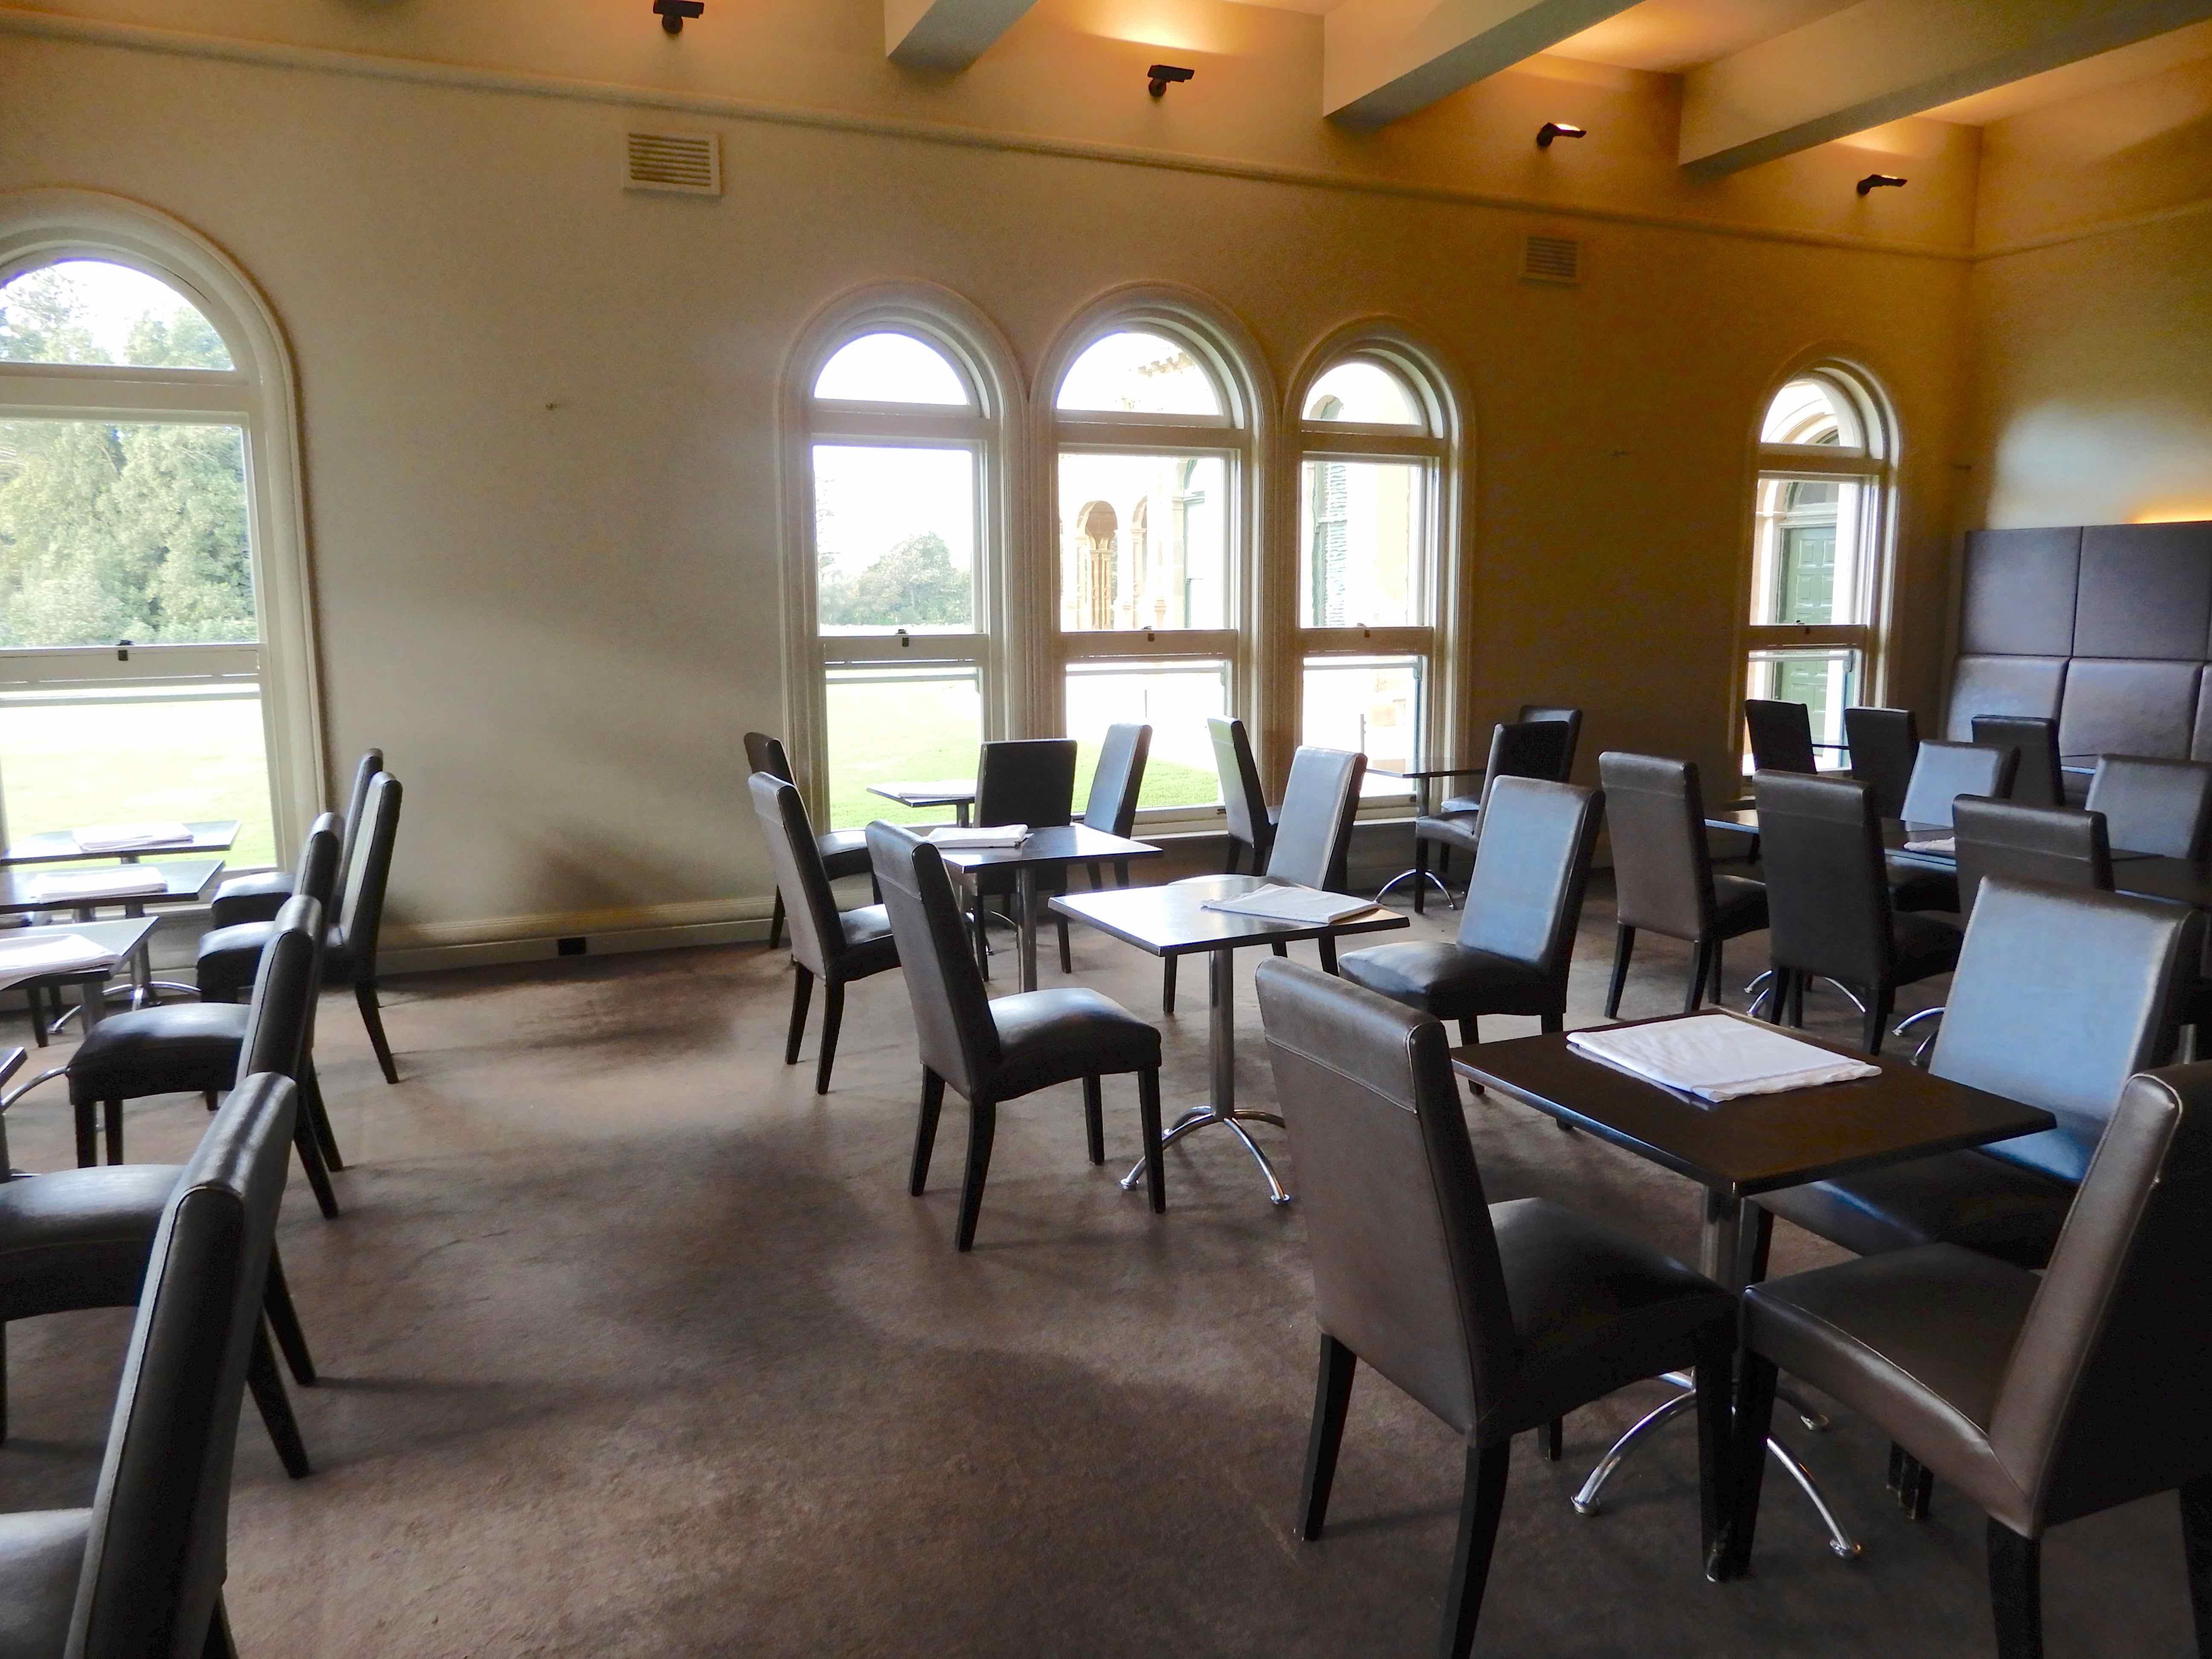 11.Joseph's Restaurant